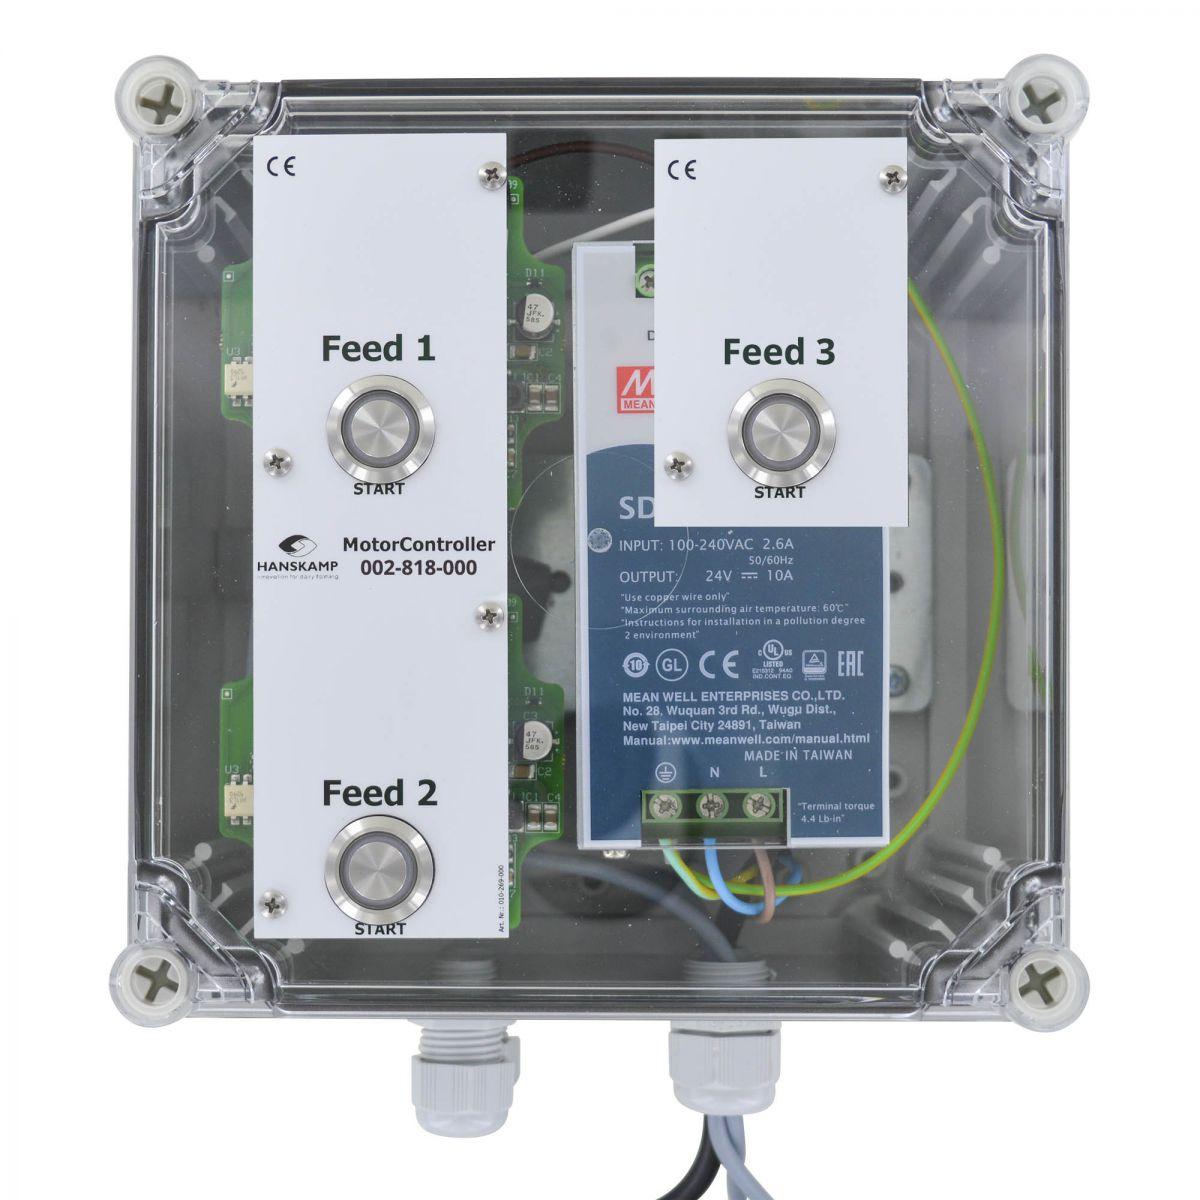 motorcontroller 3 futtersorten pipefeeder highspeed mit stromversorgung 24v dc 10a in gehuse